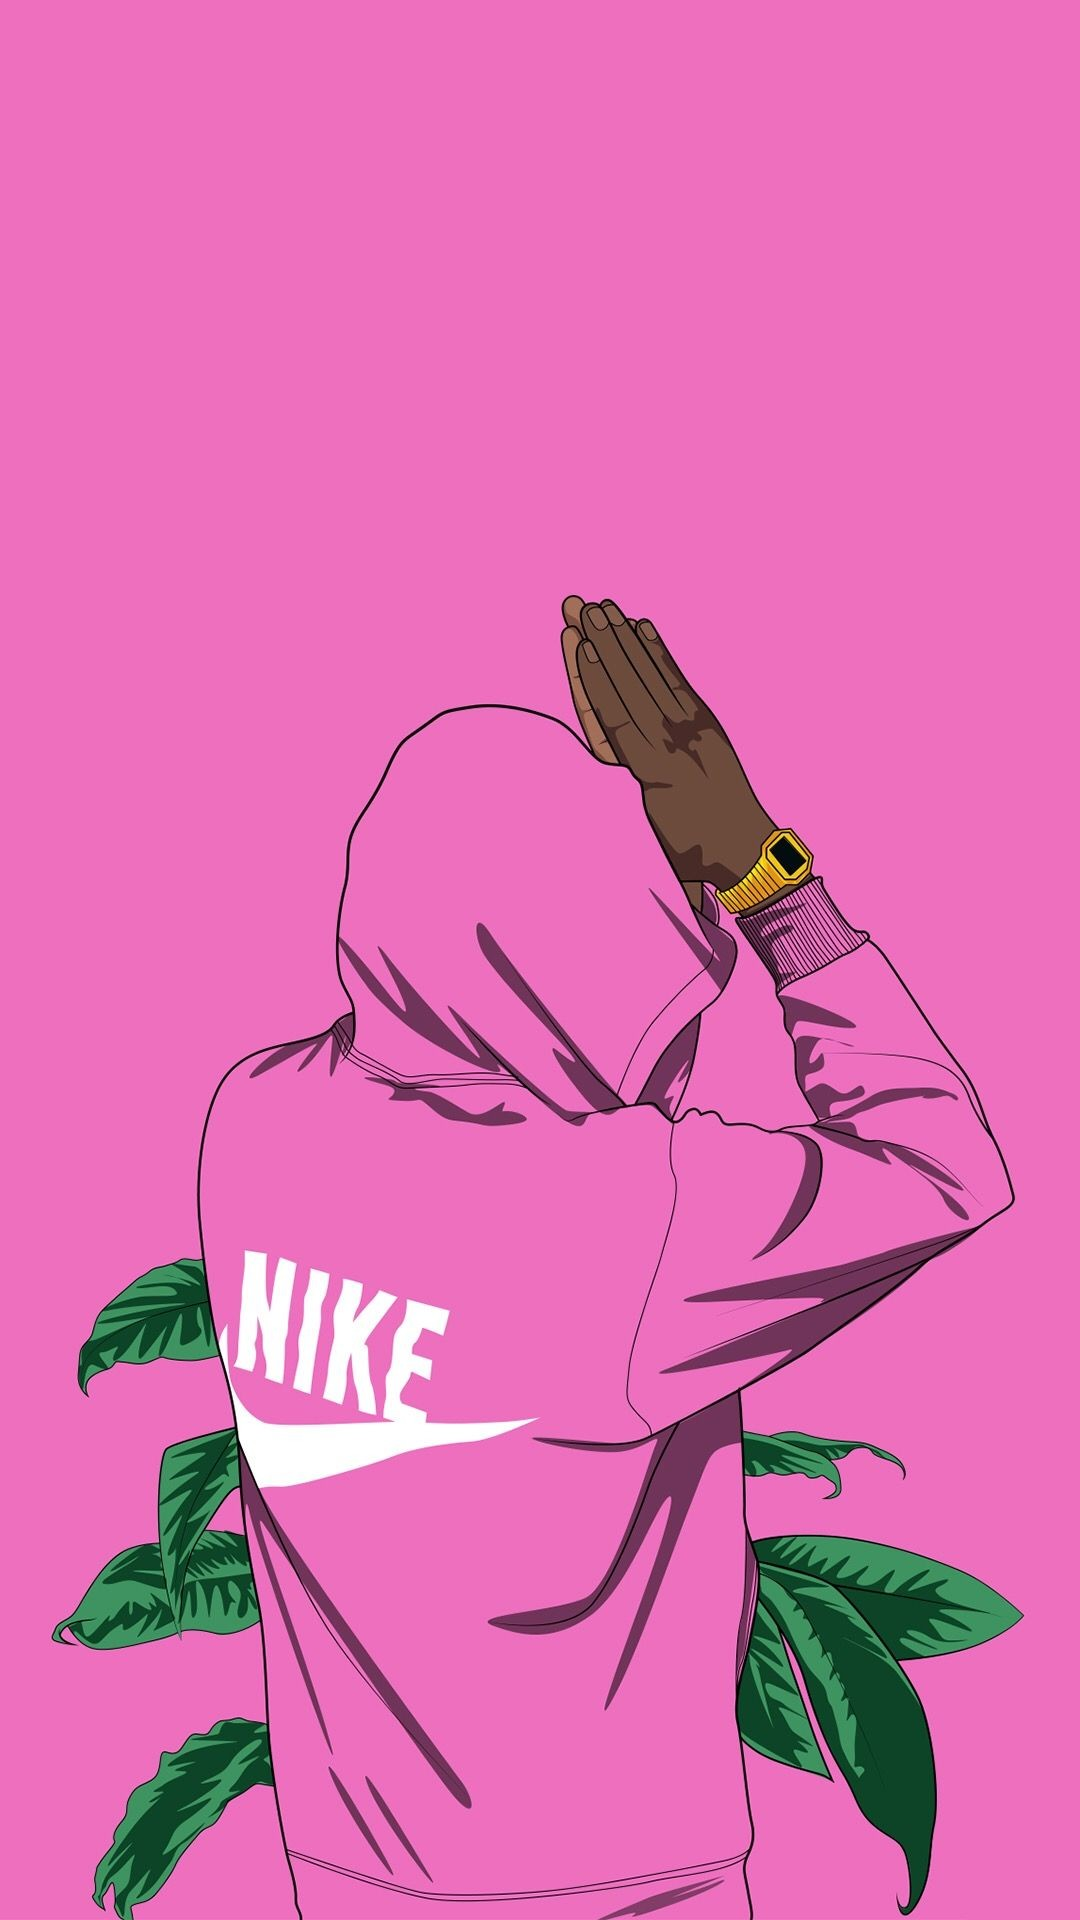 Pink Nike Wallpapers - Top Free Pink